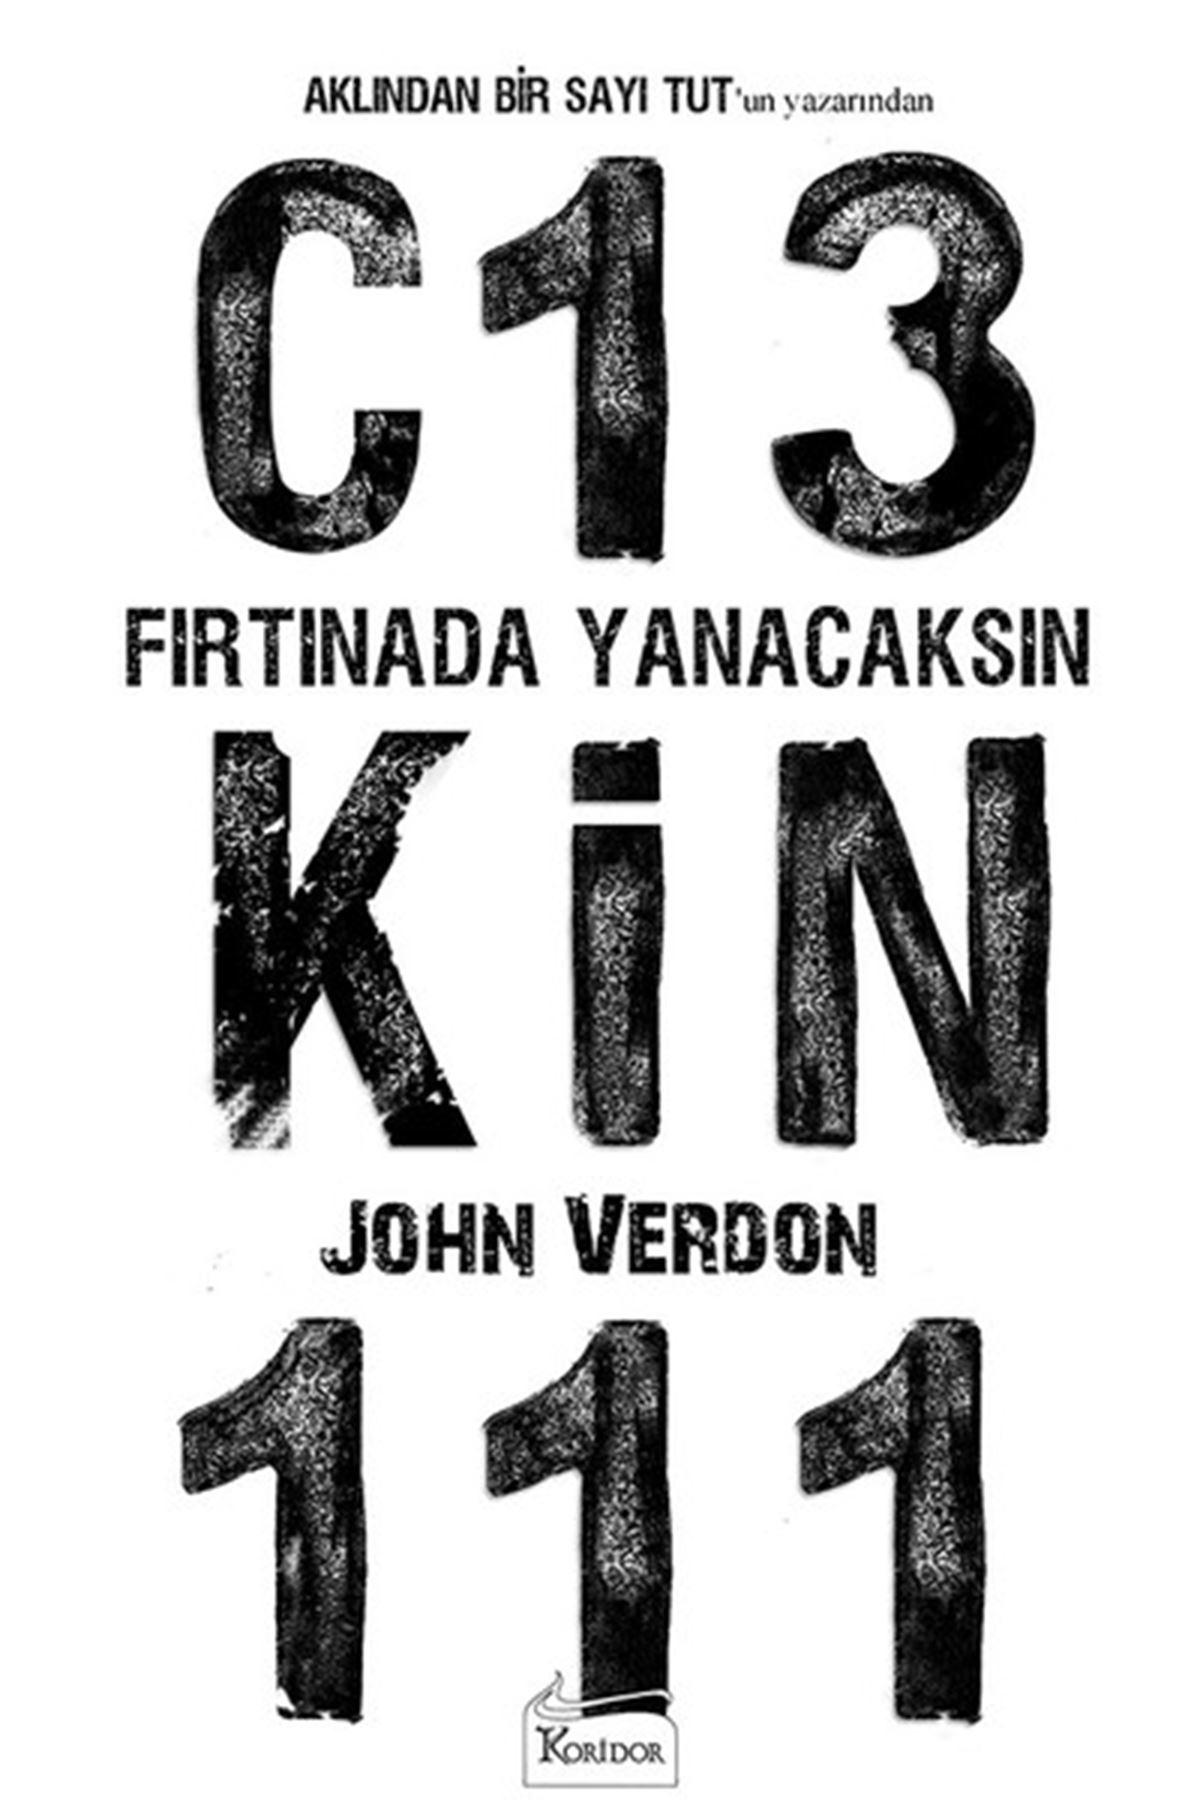 JOHN VERDON - FIRTINADA YANACAKSIN